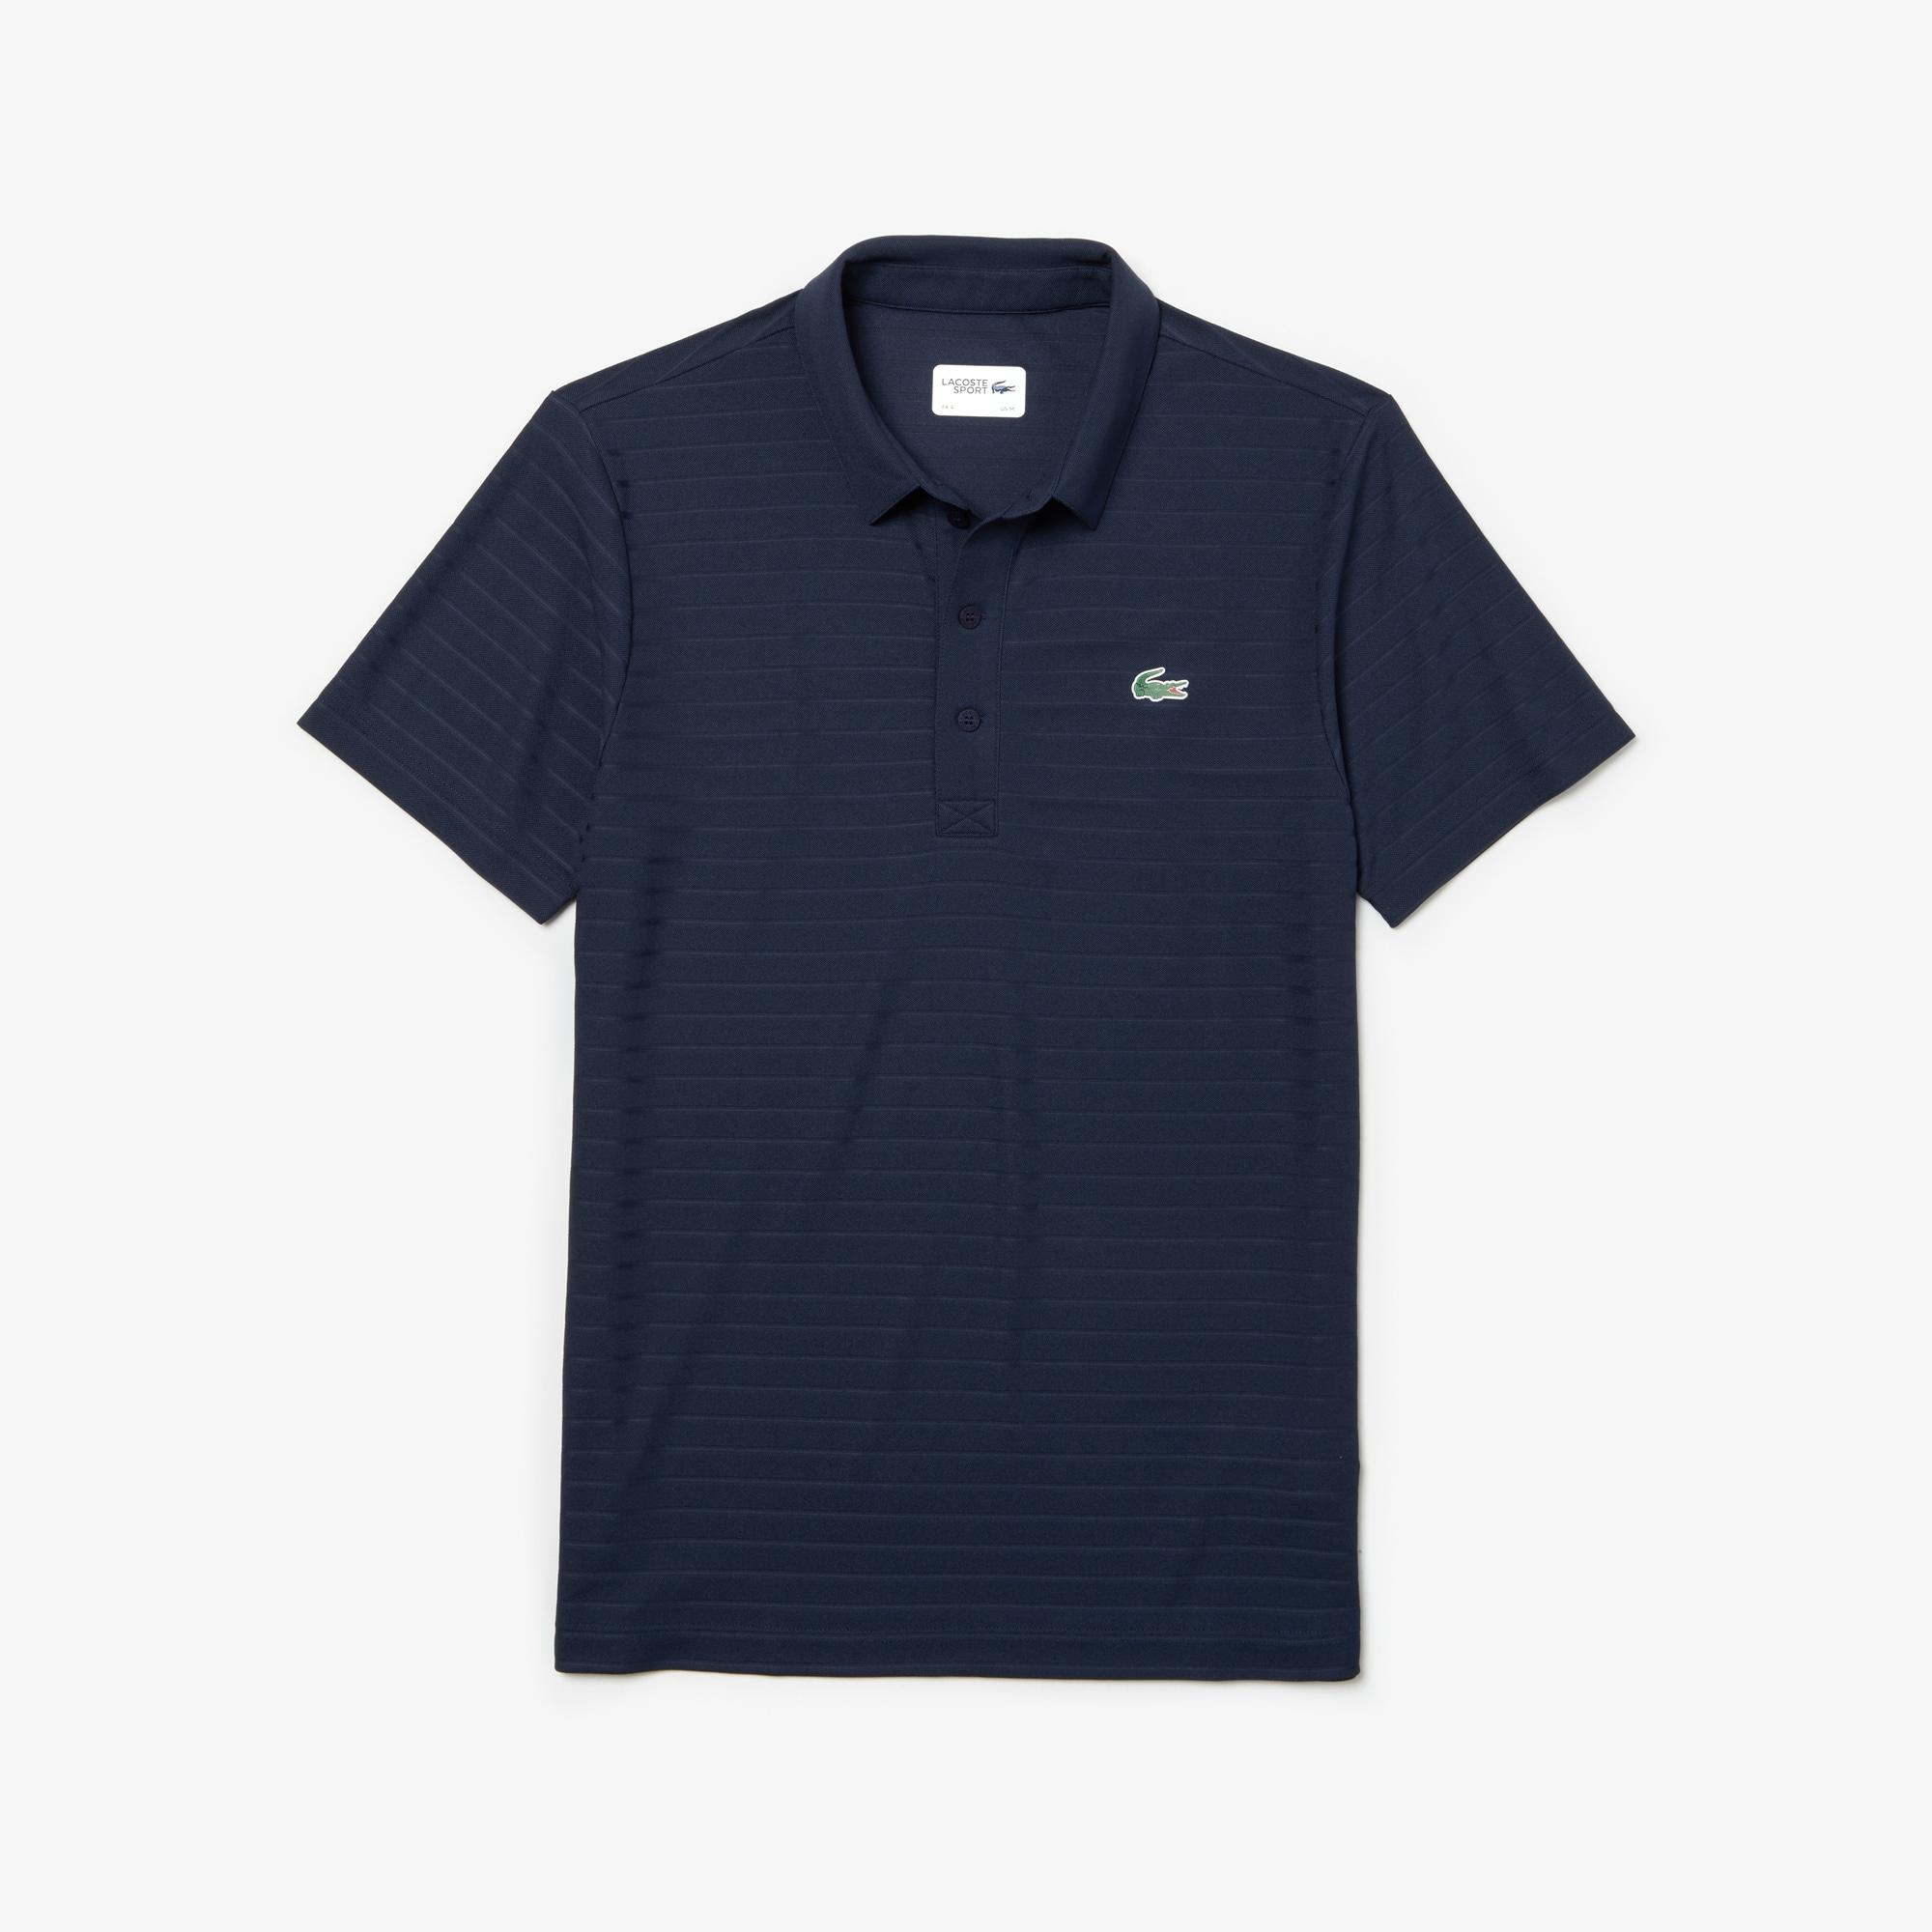 라코스테 Lacoste Mens SPORT Golf Striped Tech Jacquard Jersey Polo Shirt,navy blue